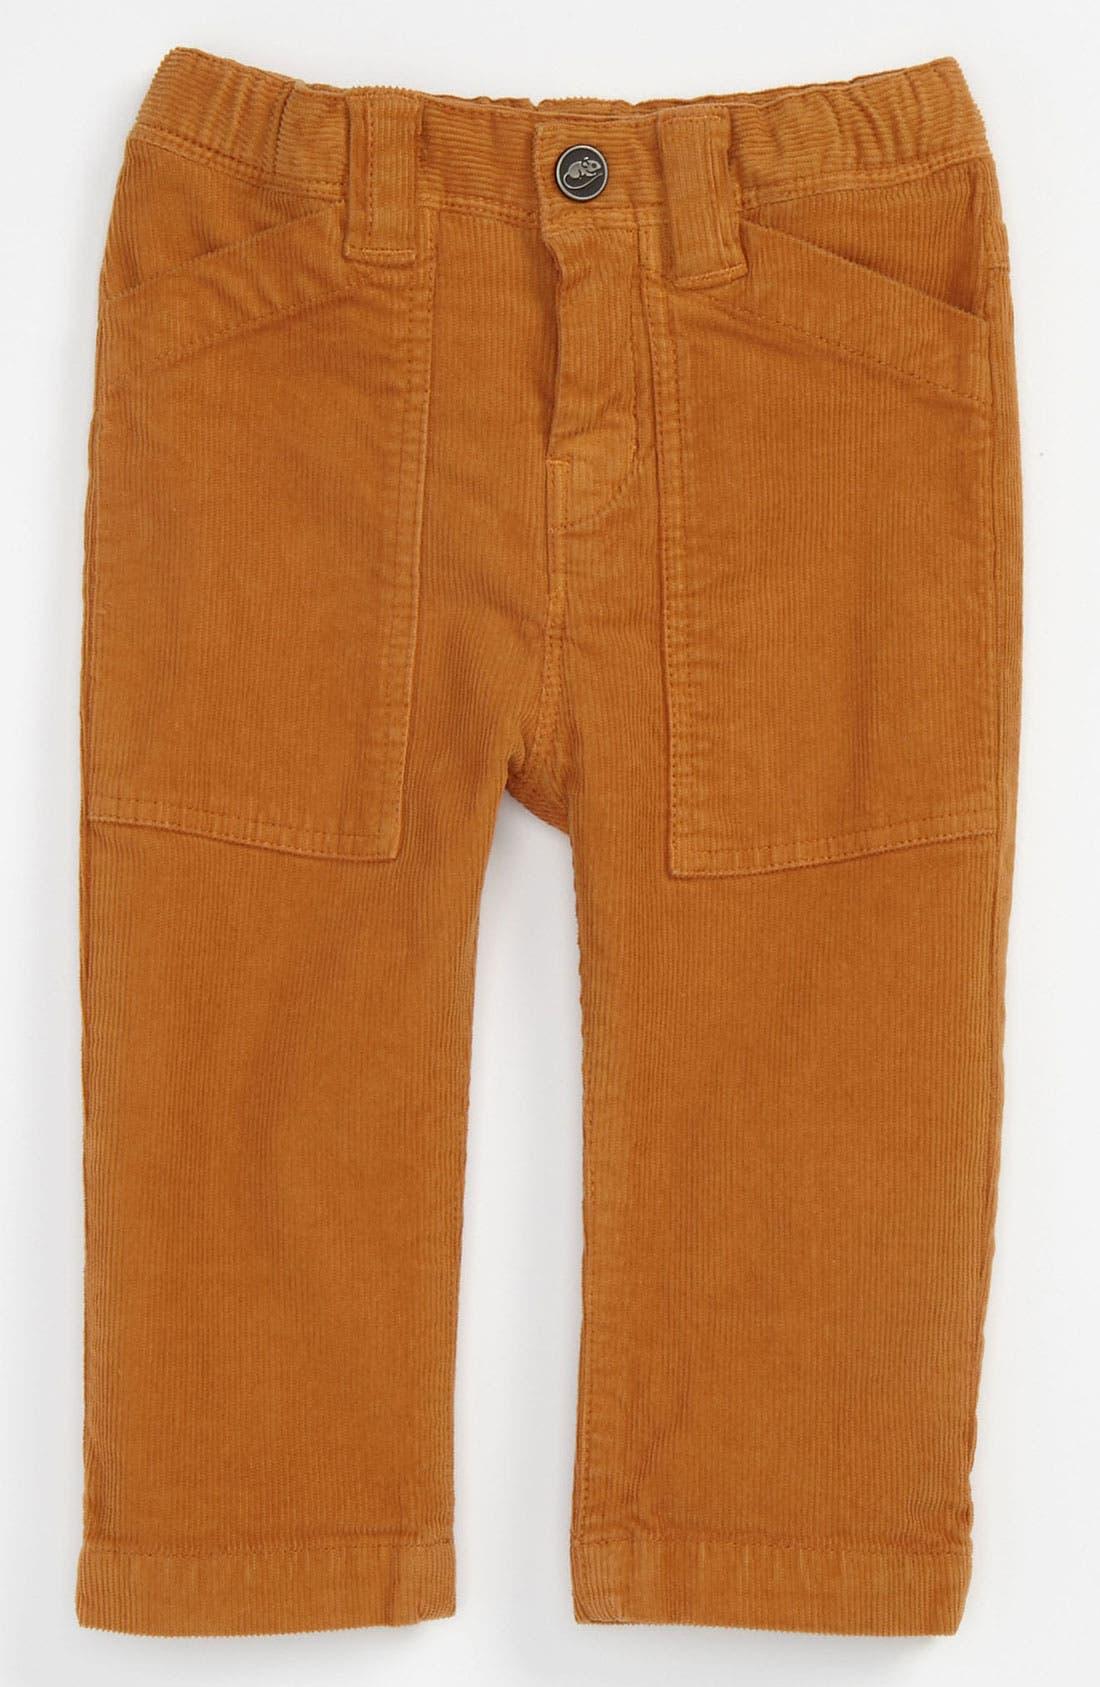 Main Image - LITTLE MARC JACOBS Stretch Corduroy Pants (Infant)